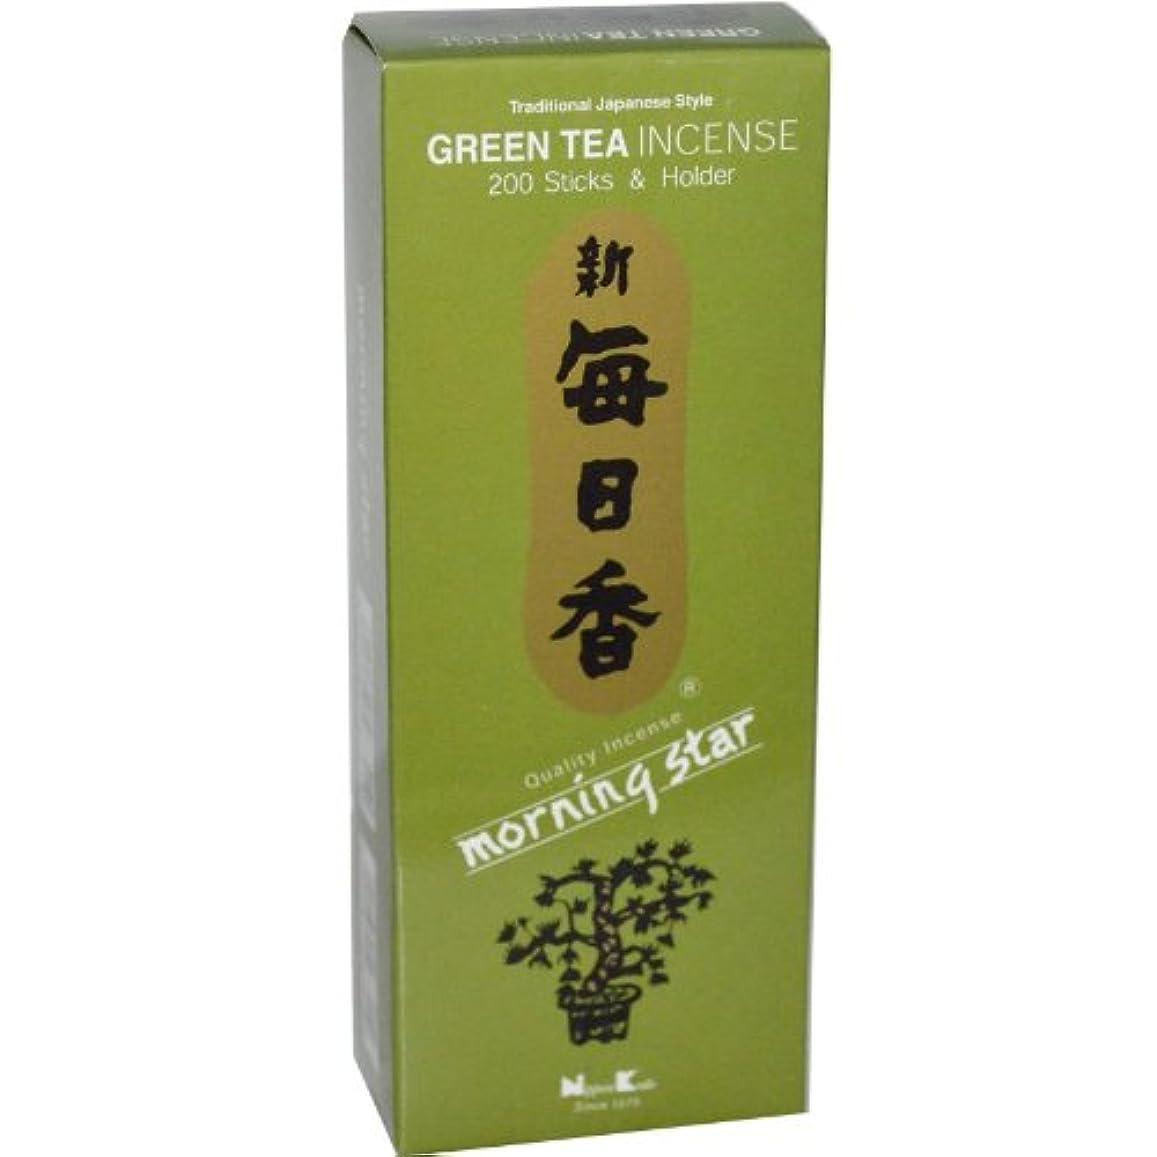 おばあさん惨めな刺激するNippon Kodo, Morning Star, Green Tea Incense, 200 Sticks & Holder